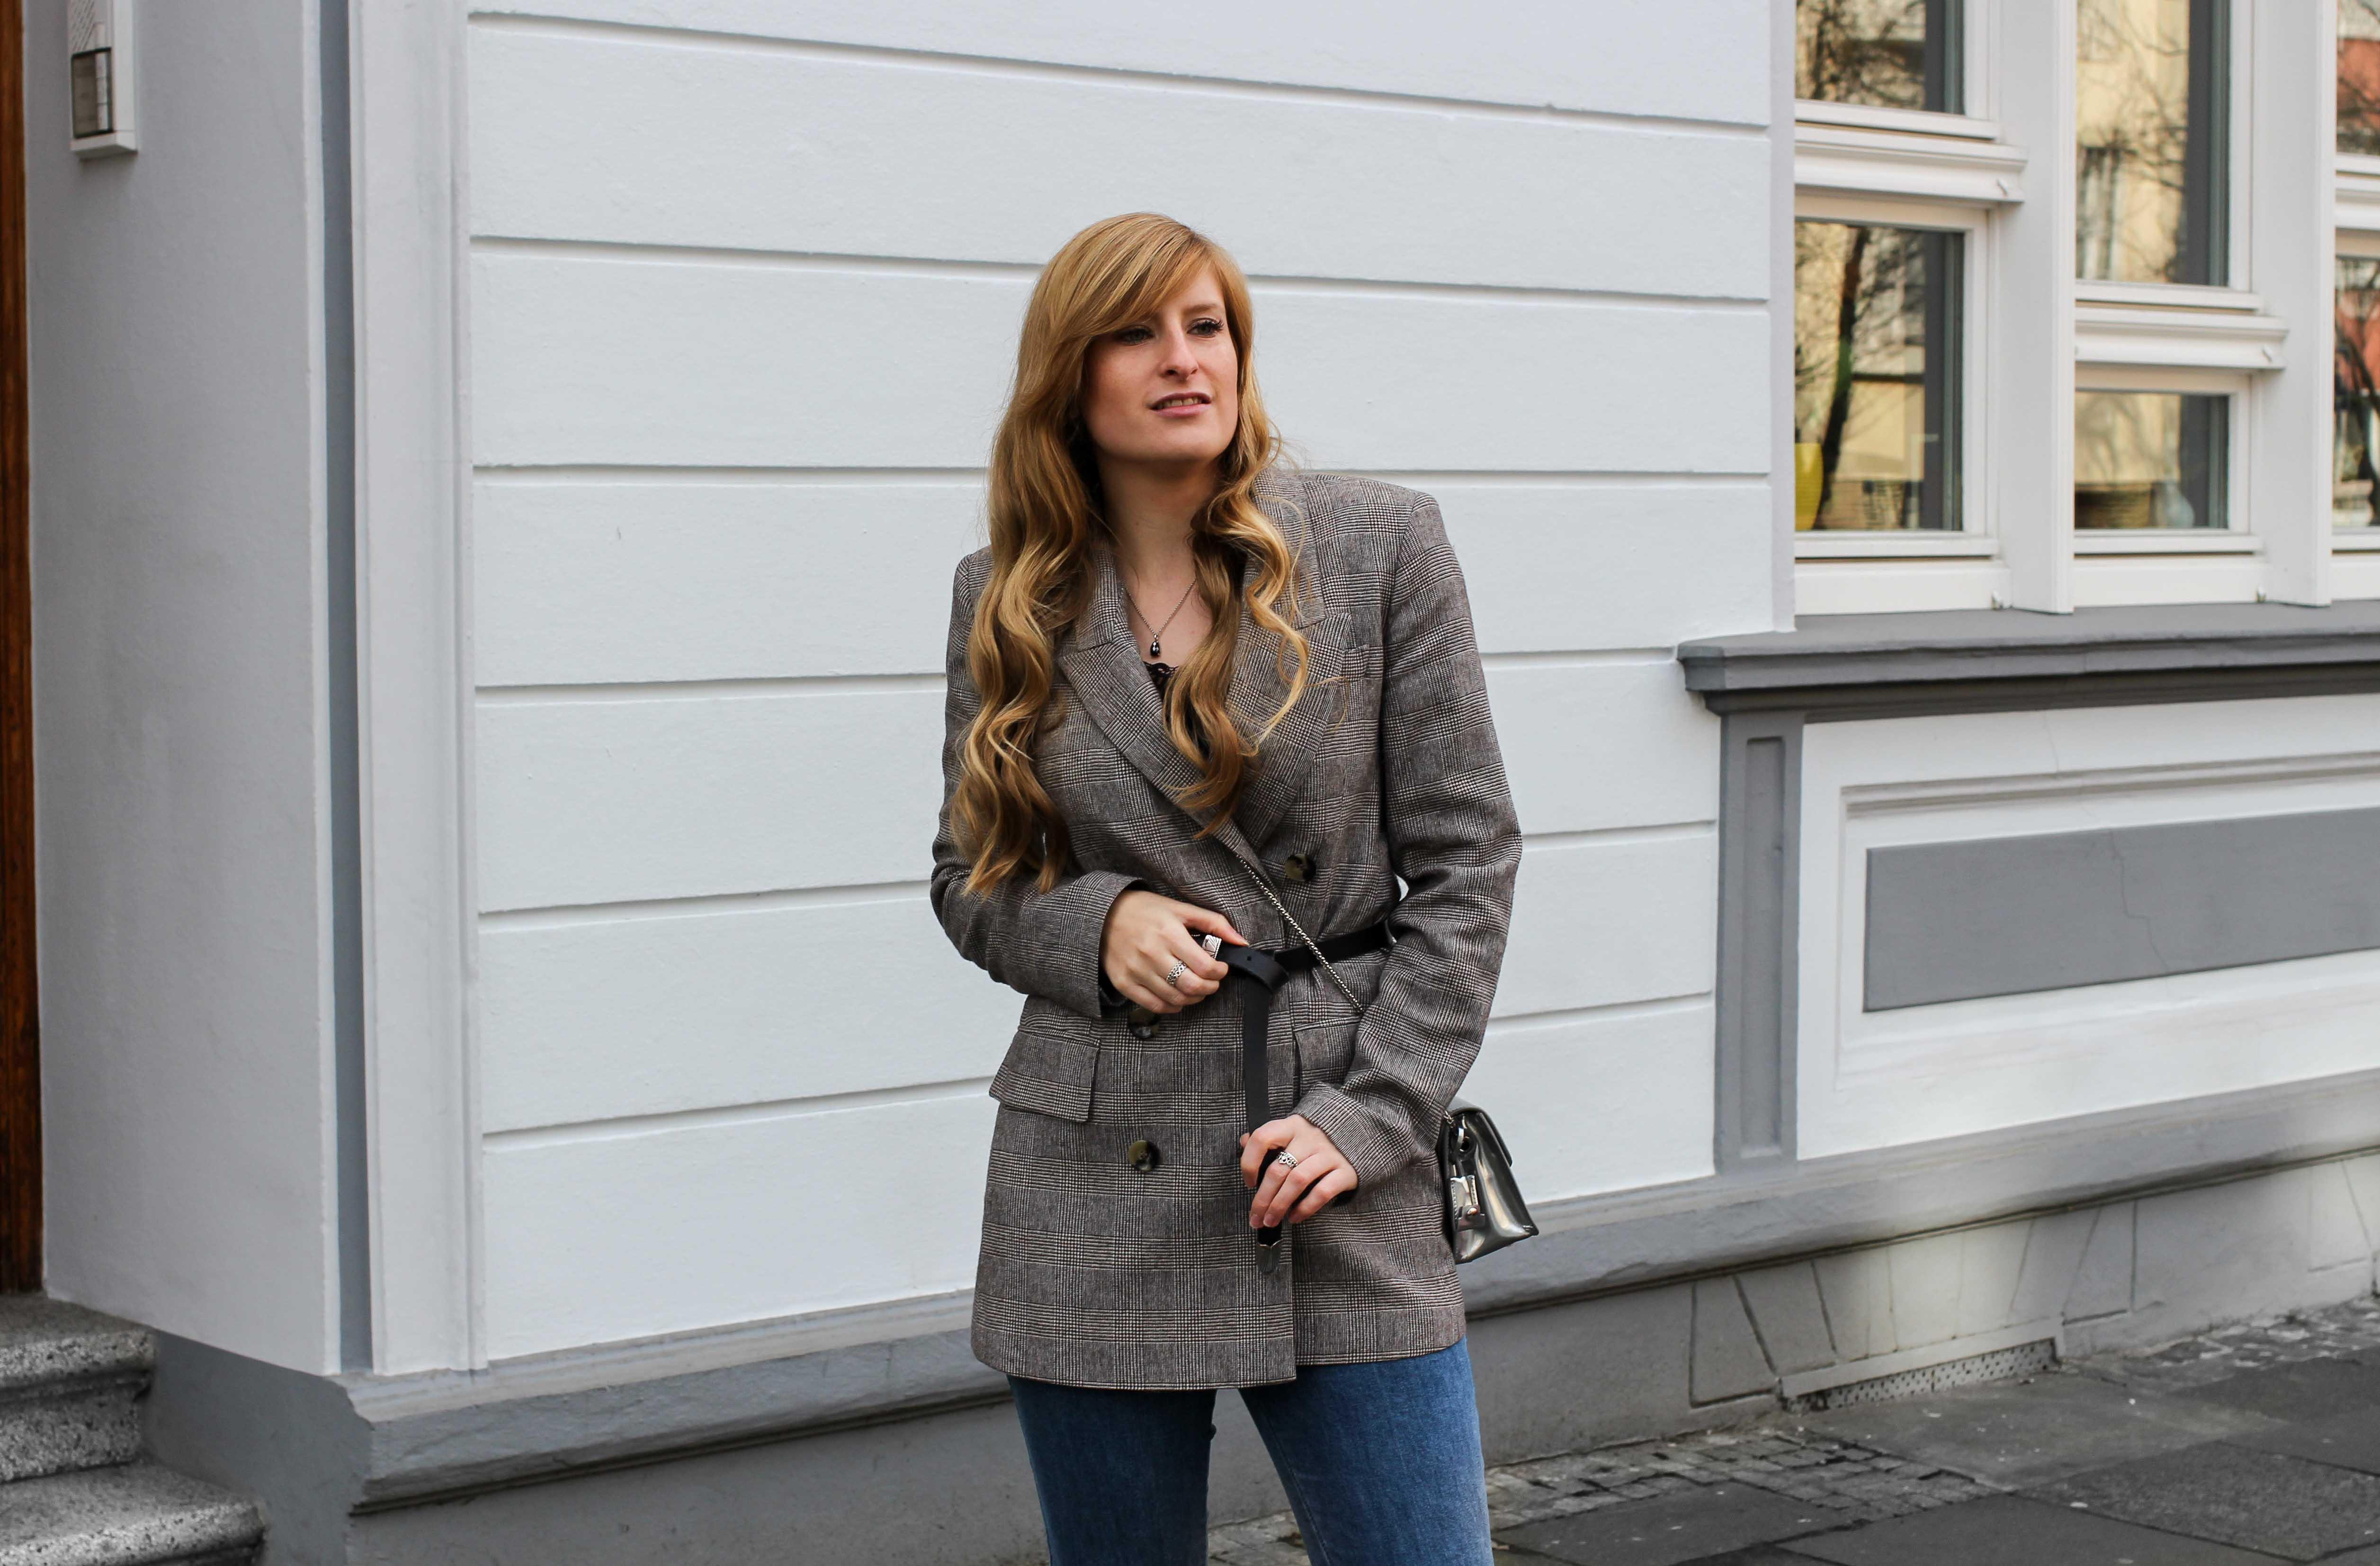 Karierter Blazer Spitzentop Hüftgürtel Karoblazer kombinieren Outfit Hebst Winter filigraner Schmuck silber Kette Ringe Modeblog Bonn 5